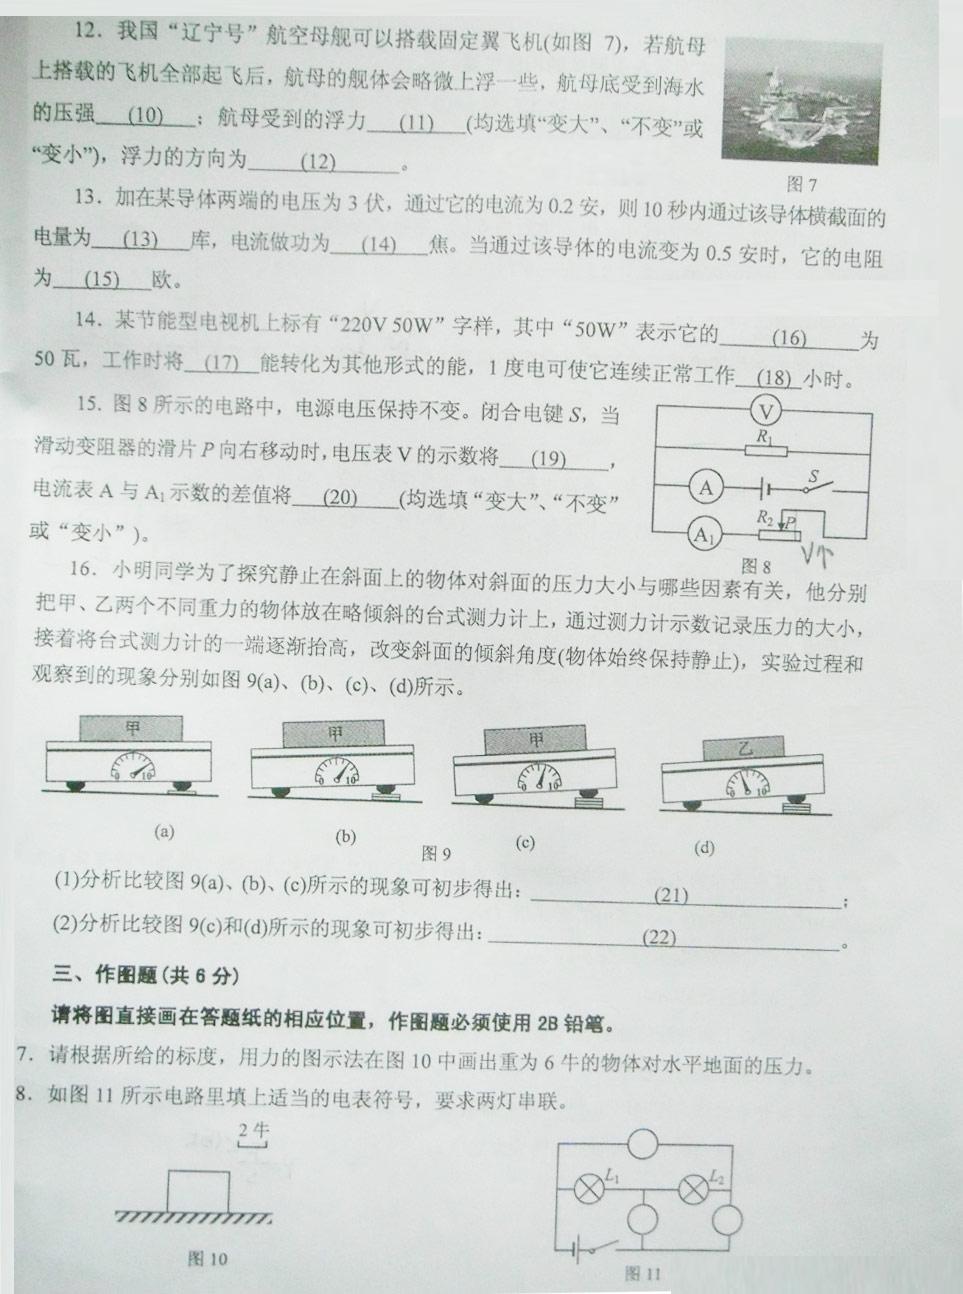 浦东新区2013学年度第一学期期末质量测试初三理化试卷物理部分